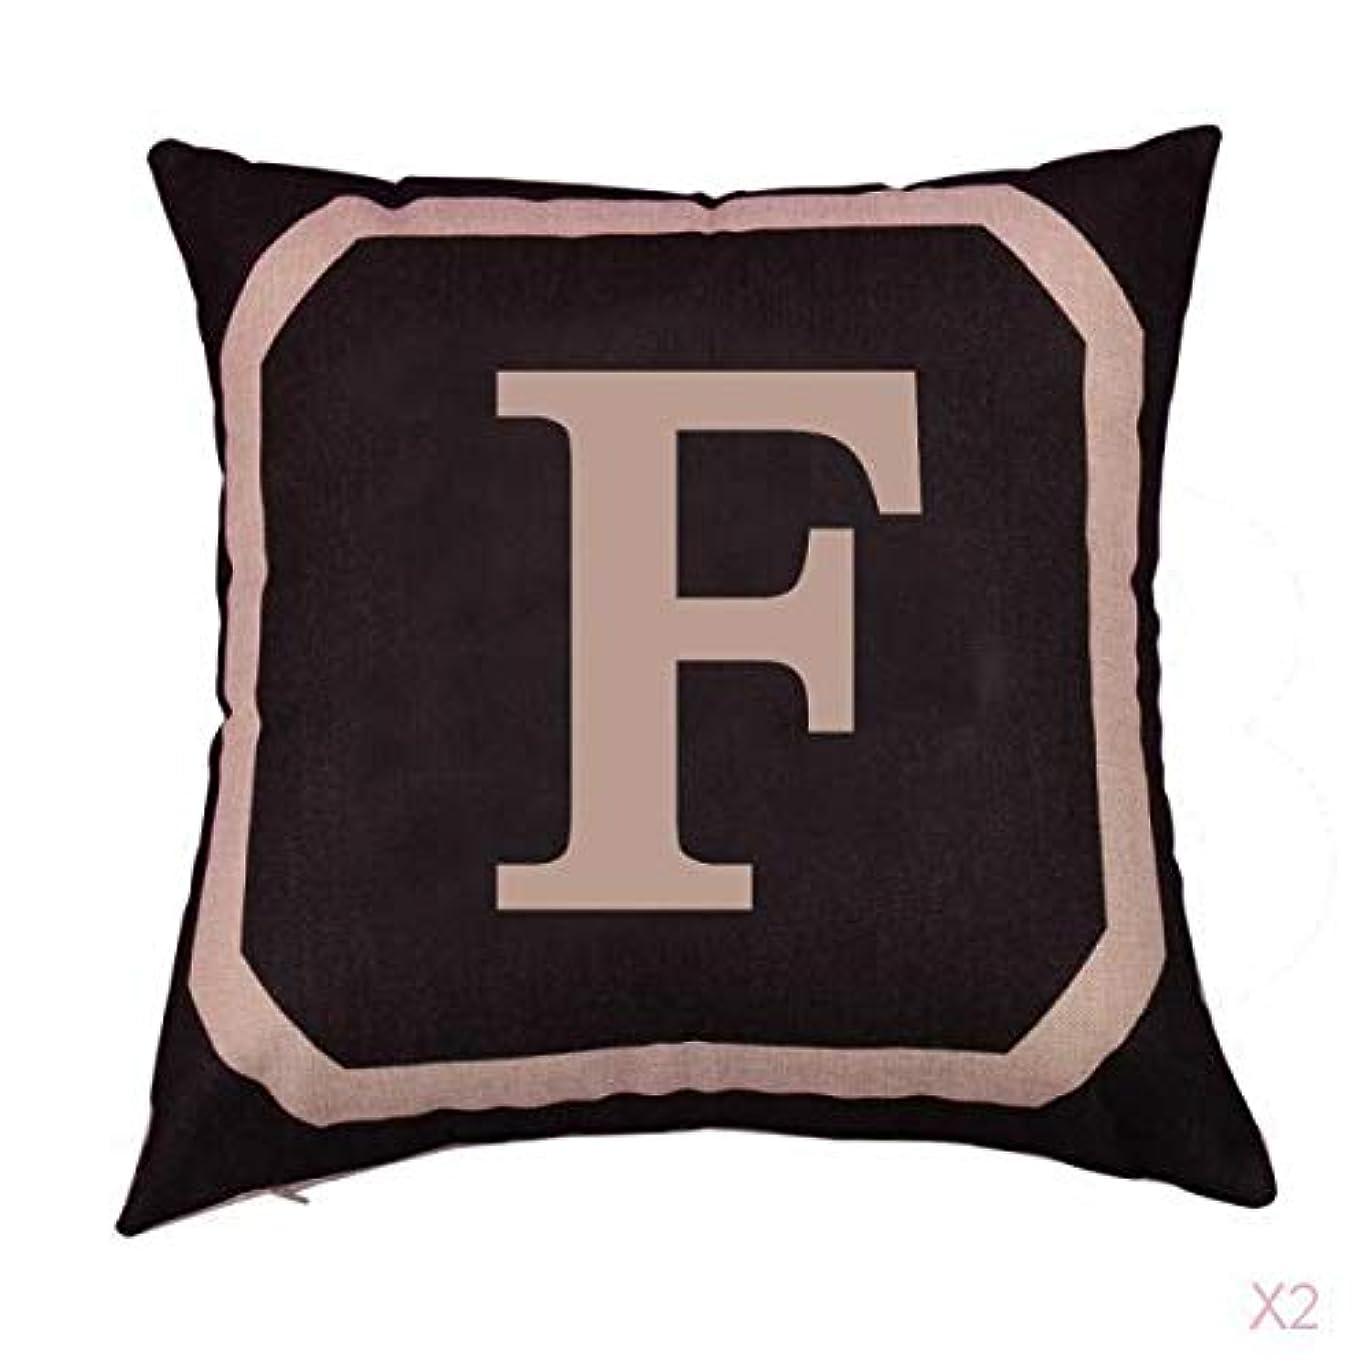 徹底バイオリニストフィードFLAMEER 正方形の綿のリネンスローピローケース腰クッションカバーベッドソファインテリアF